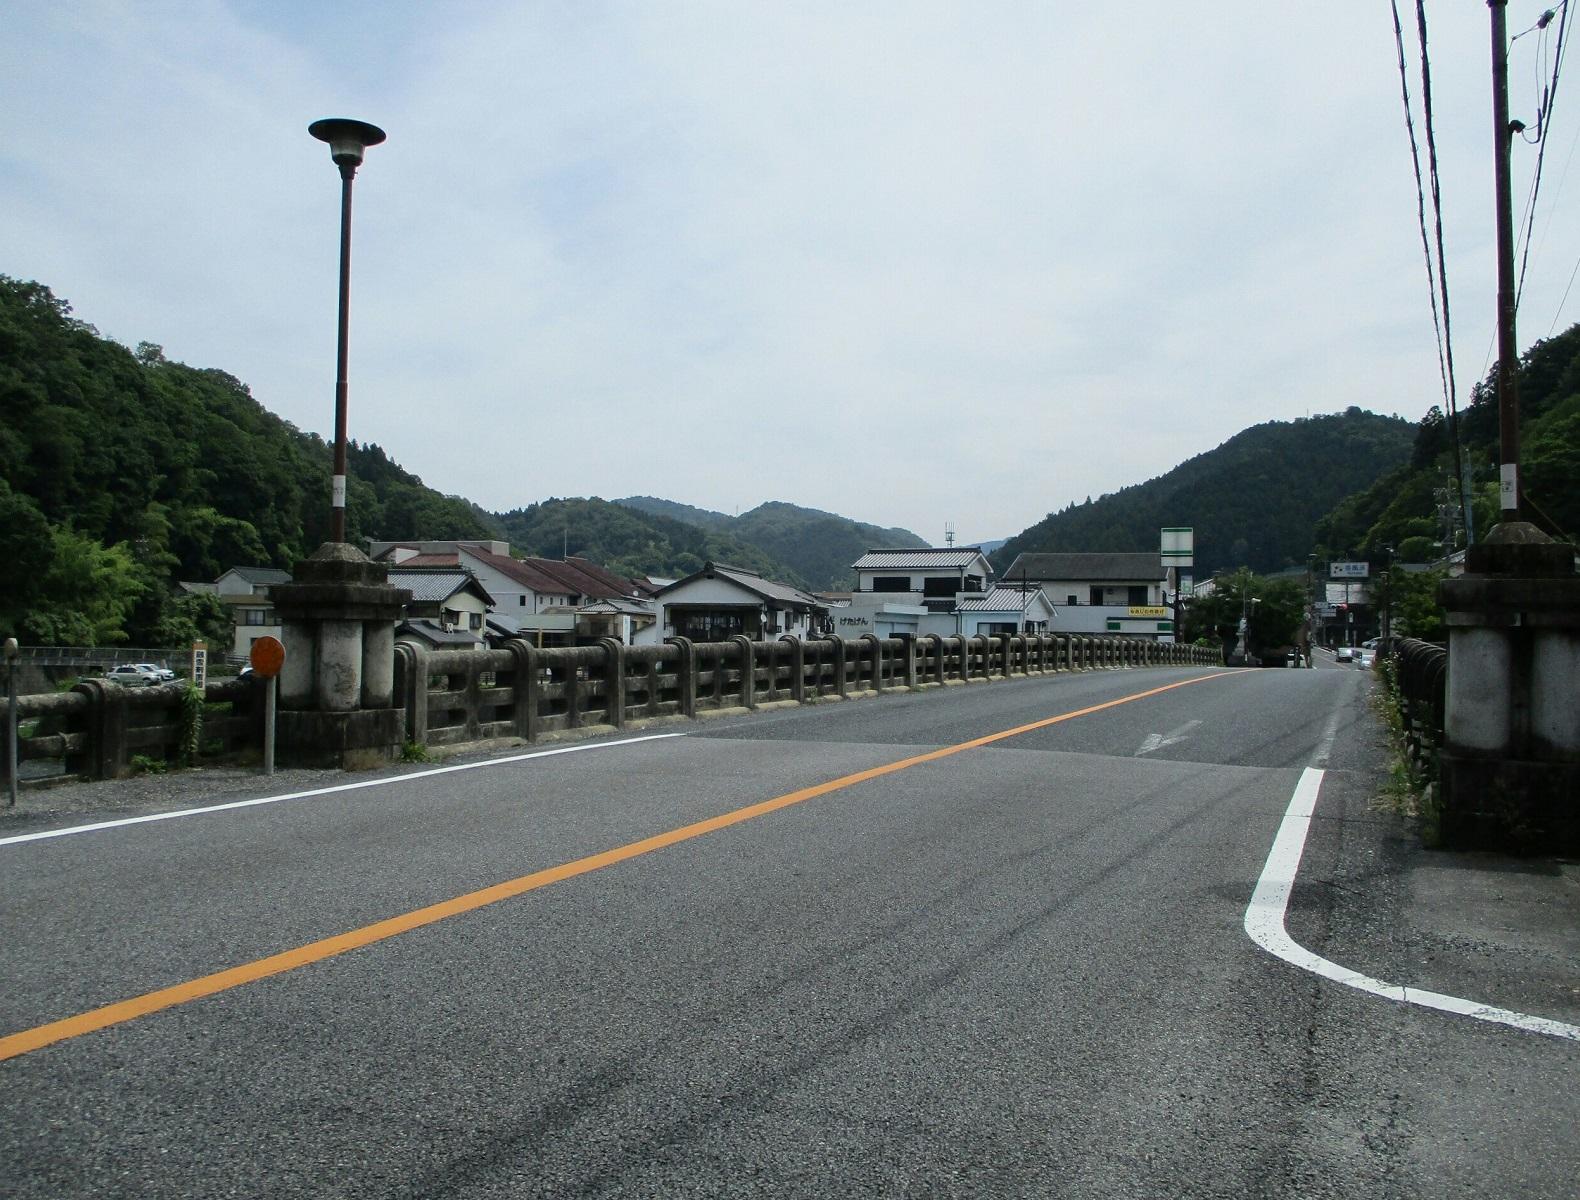 2018.6.22 (77) 足助 - 巴橋 1580-1200